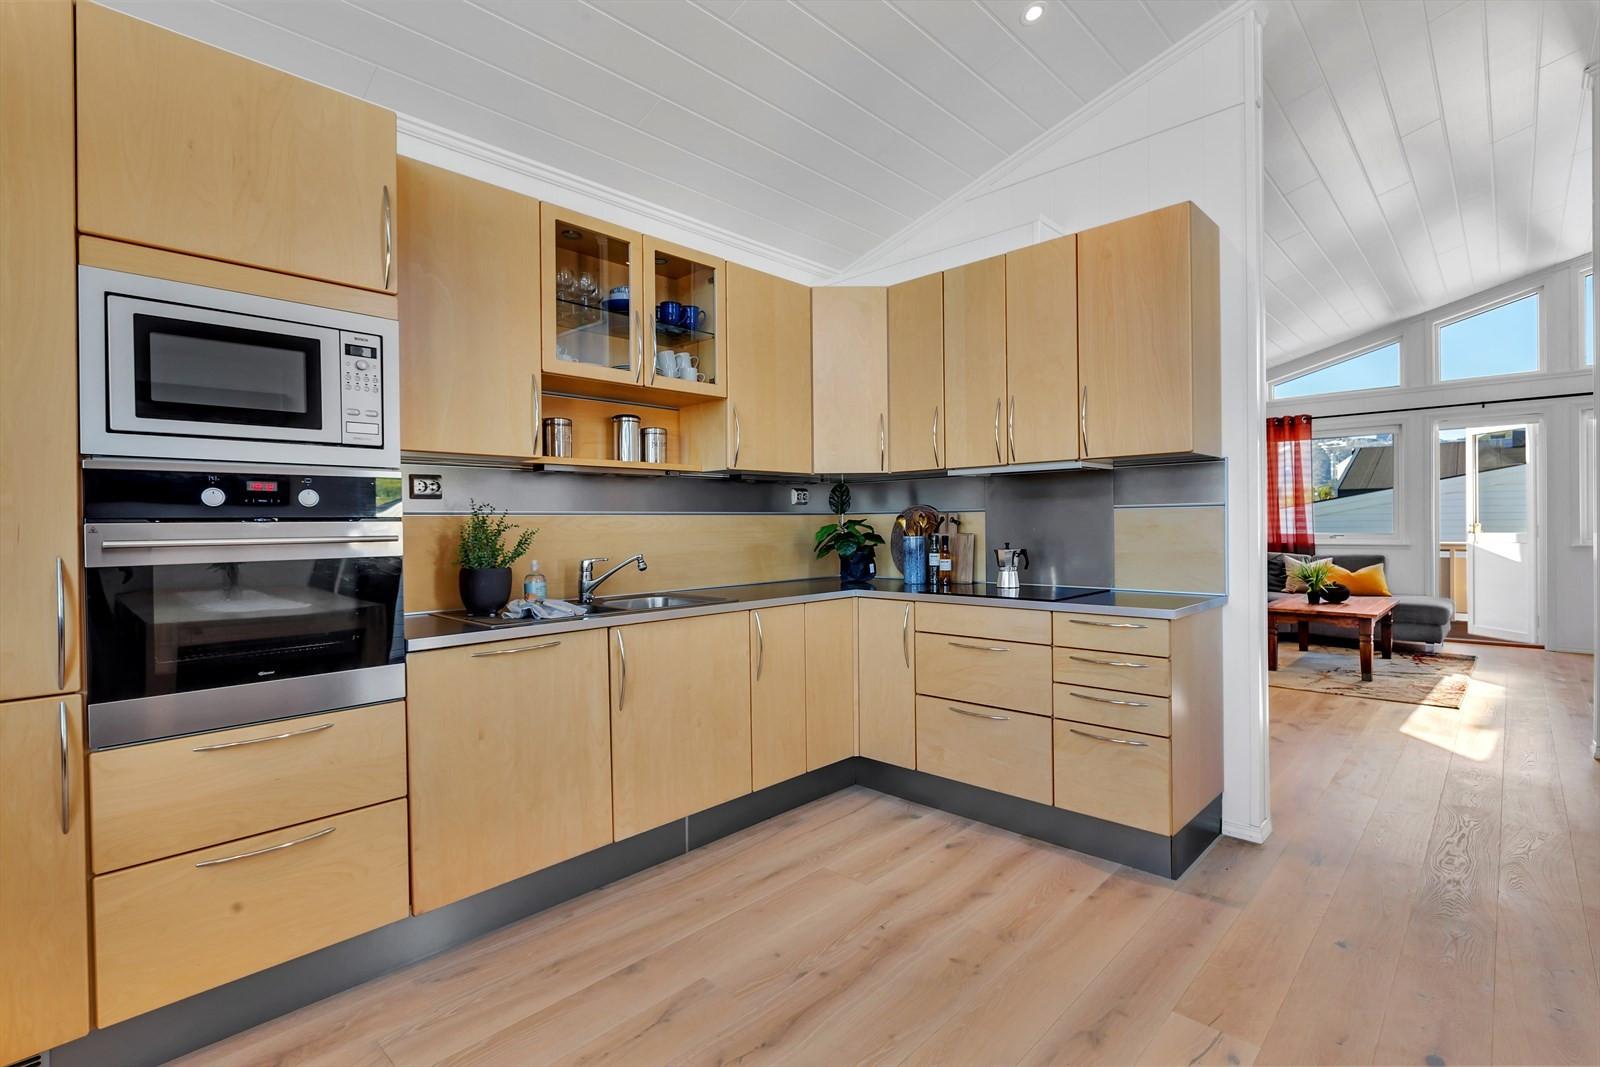 Kjøkken med masse benke- og oppbevaringsplass